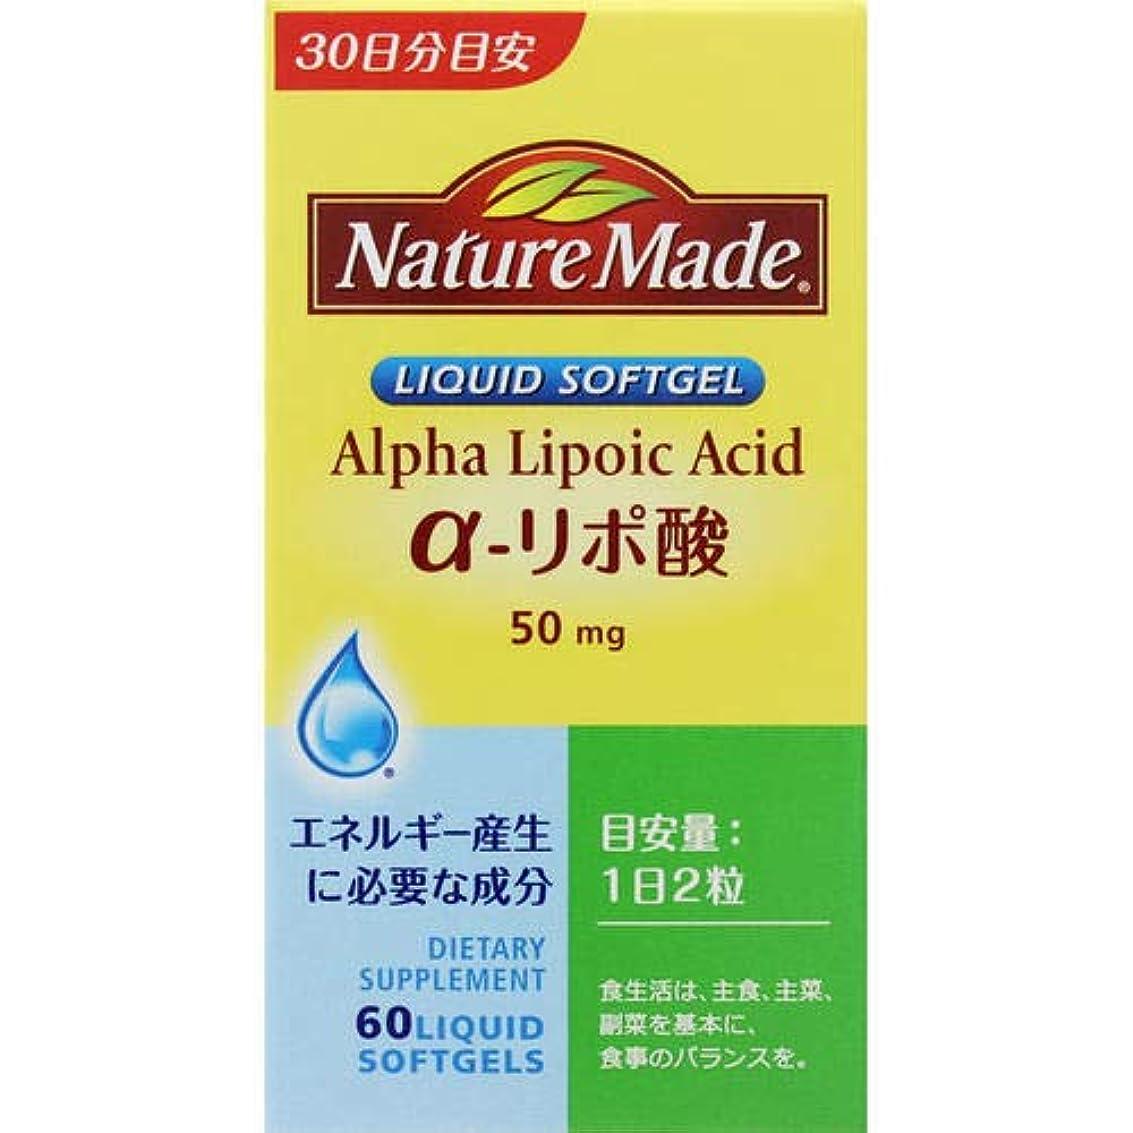 酸愛チョコレートネイチャーメイド アルファリポ酸 60粒